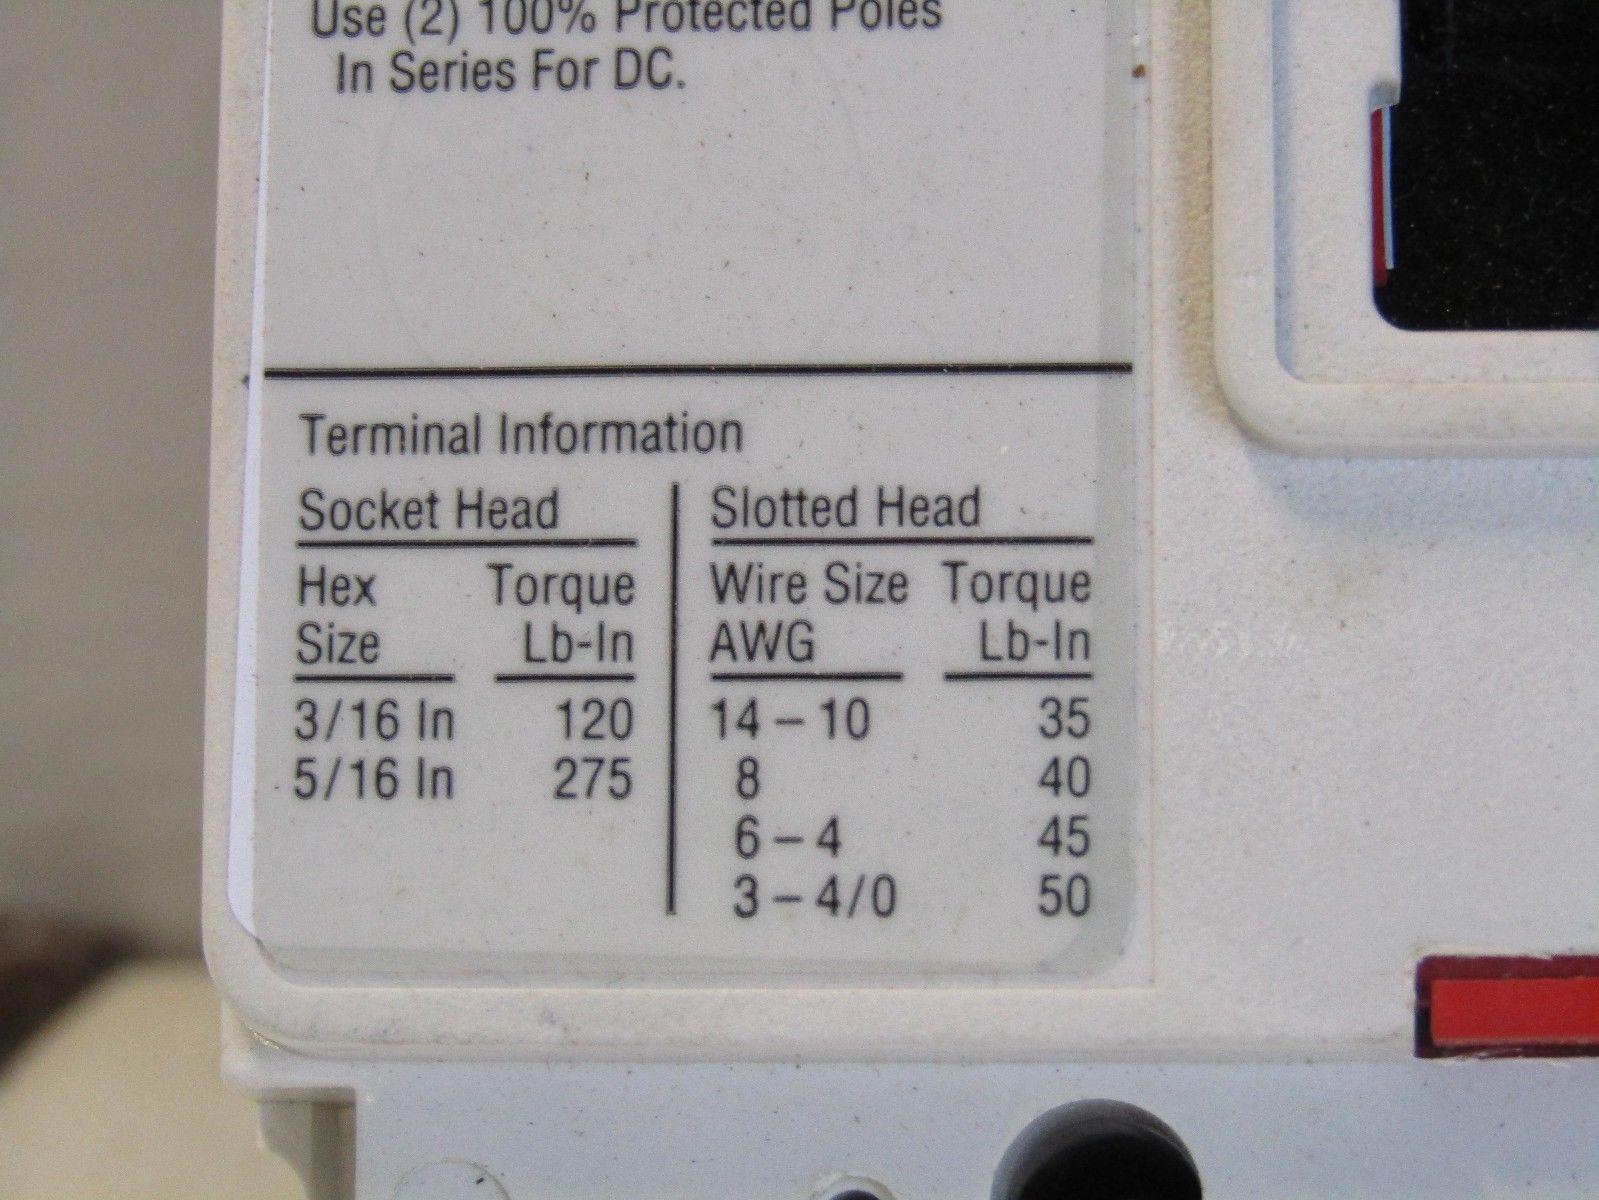 25 Amp Breaker Wiring - wiring diagrams